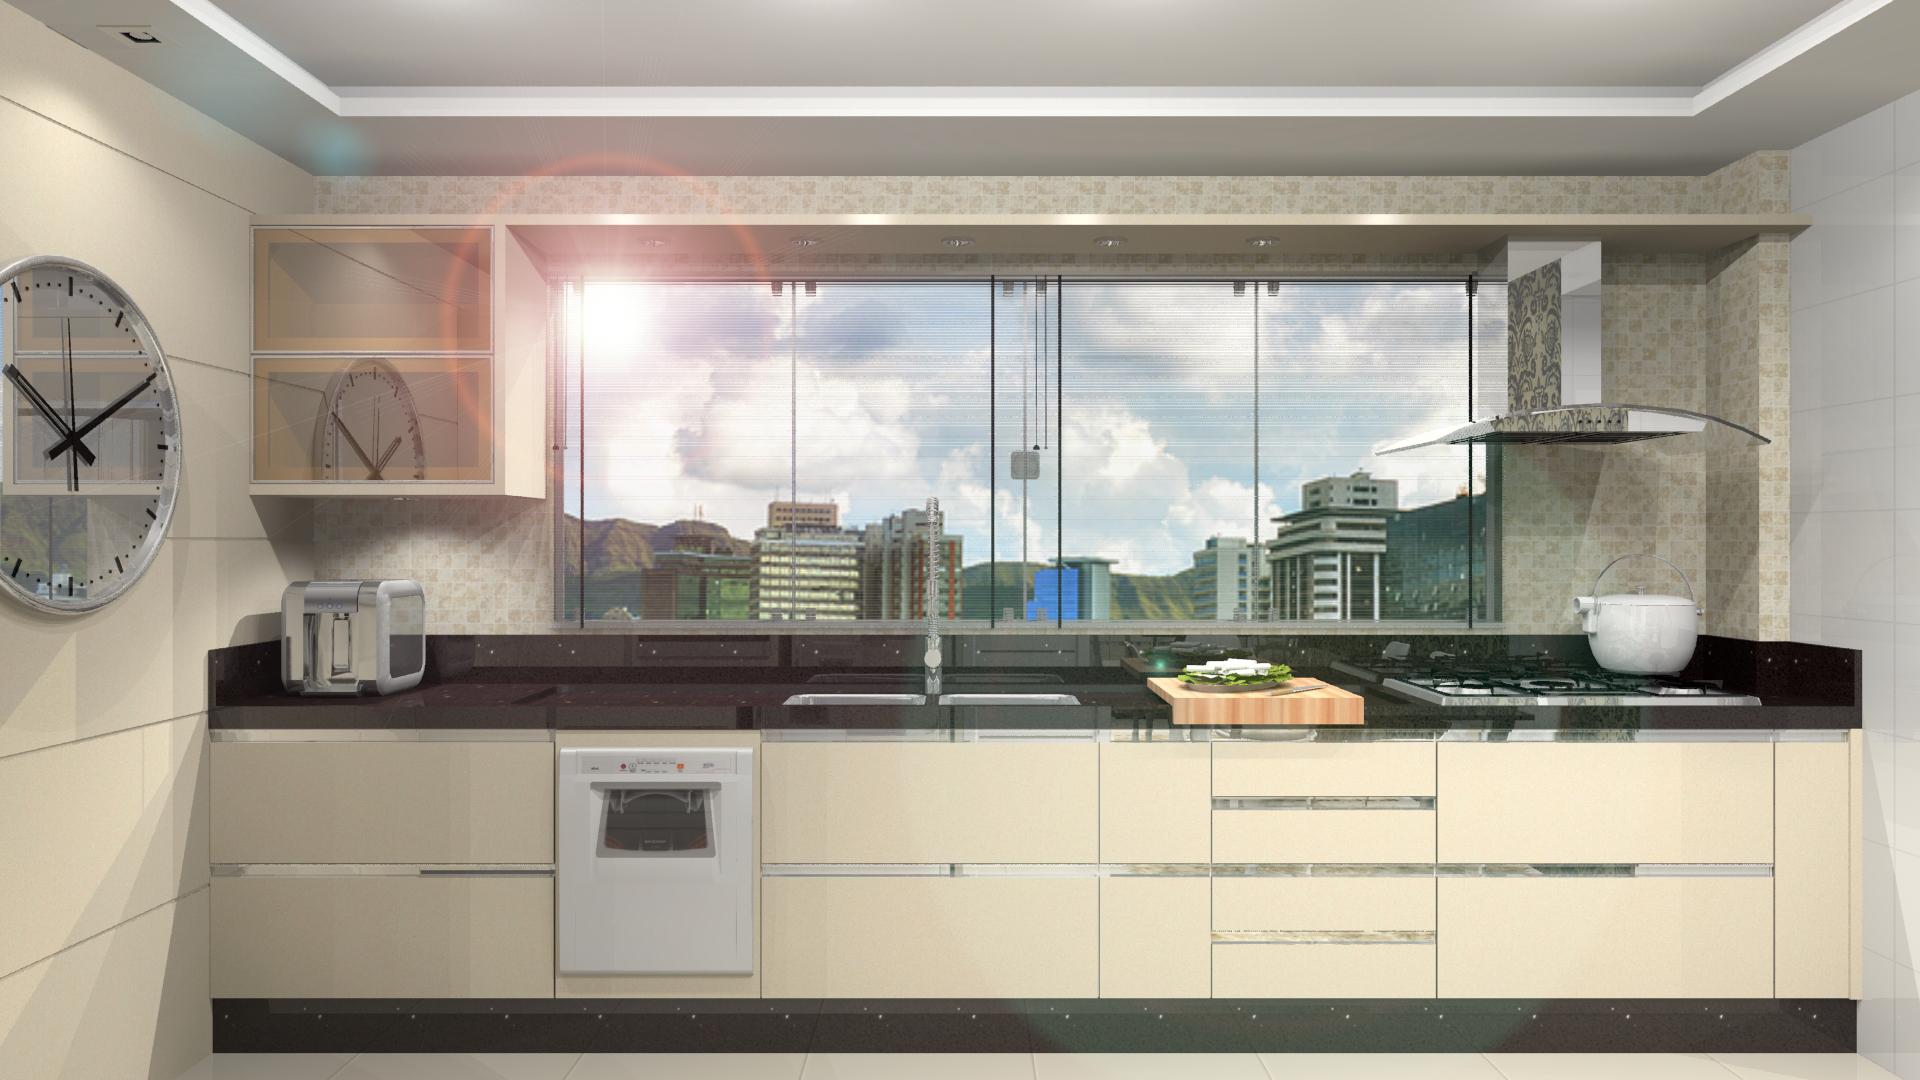 Cozinha 02 - 02